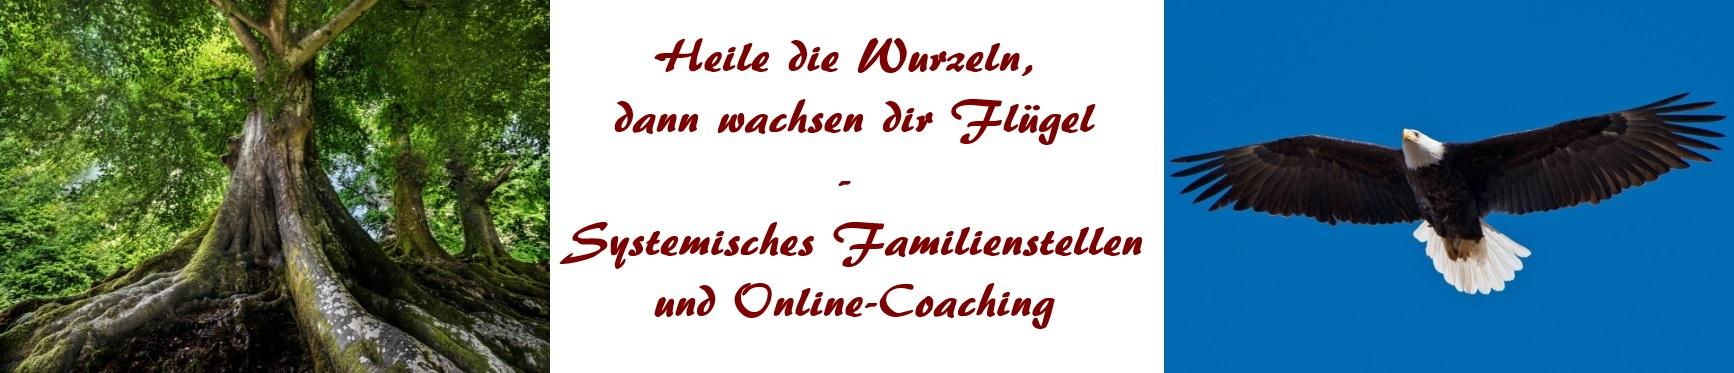 Systemisches Familienstellen, Systemisches Coaching, Systemische Aufstellungen